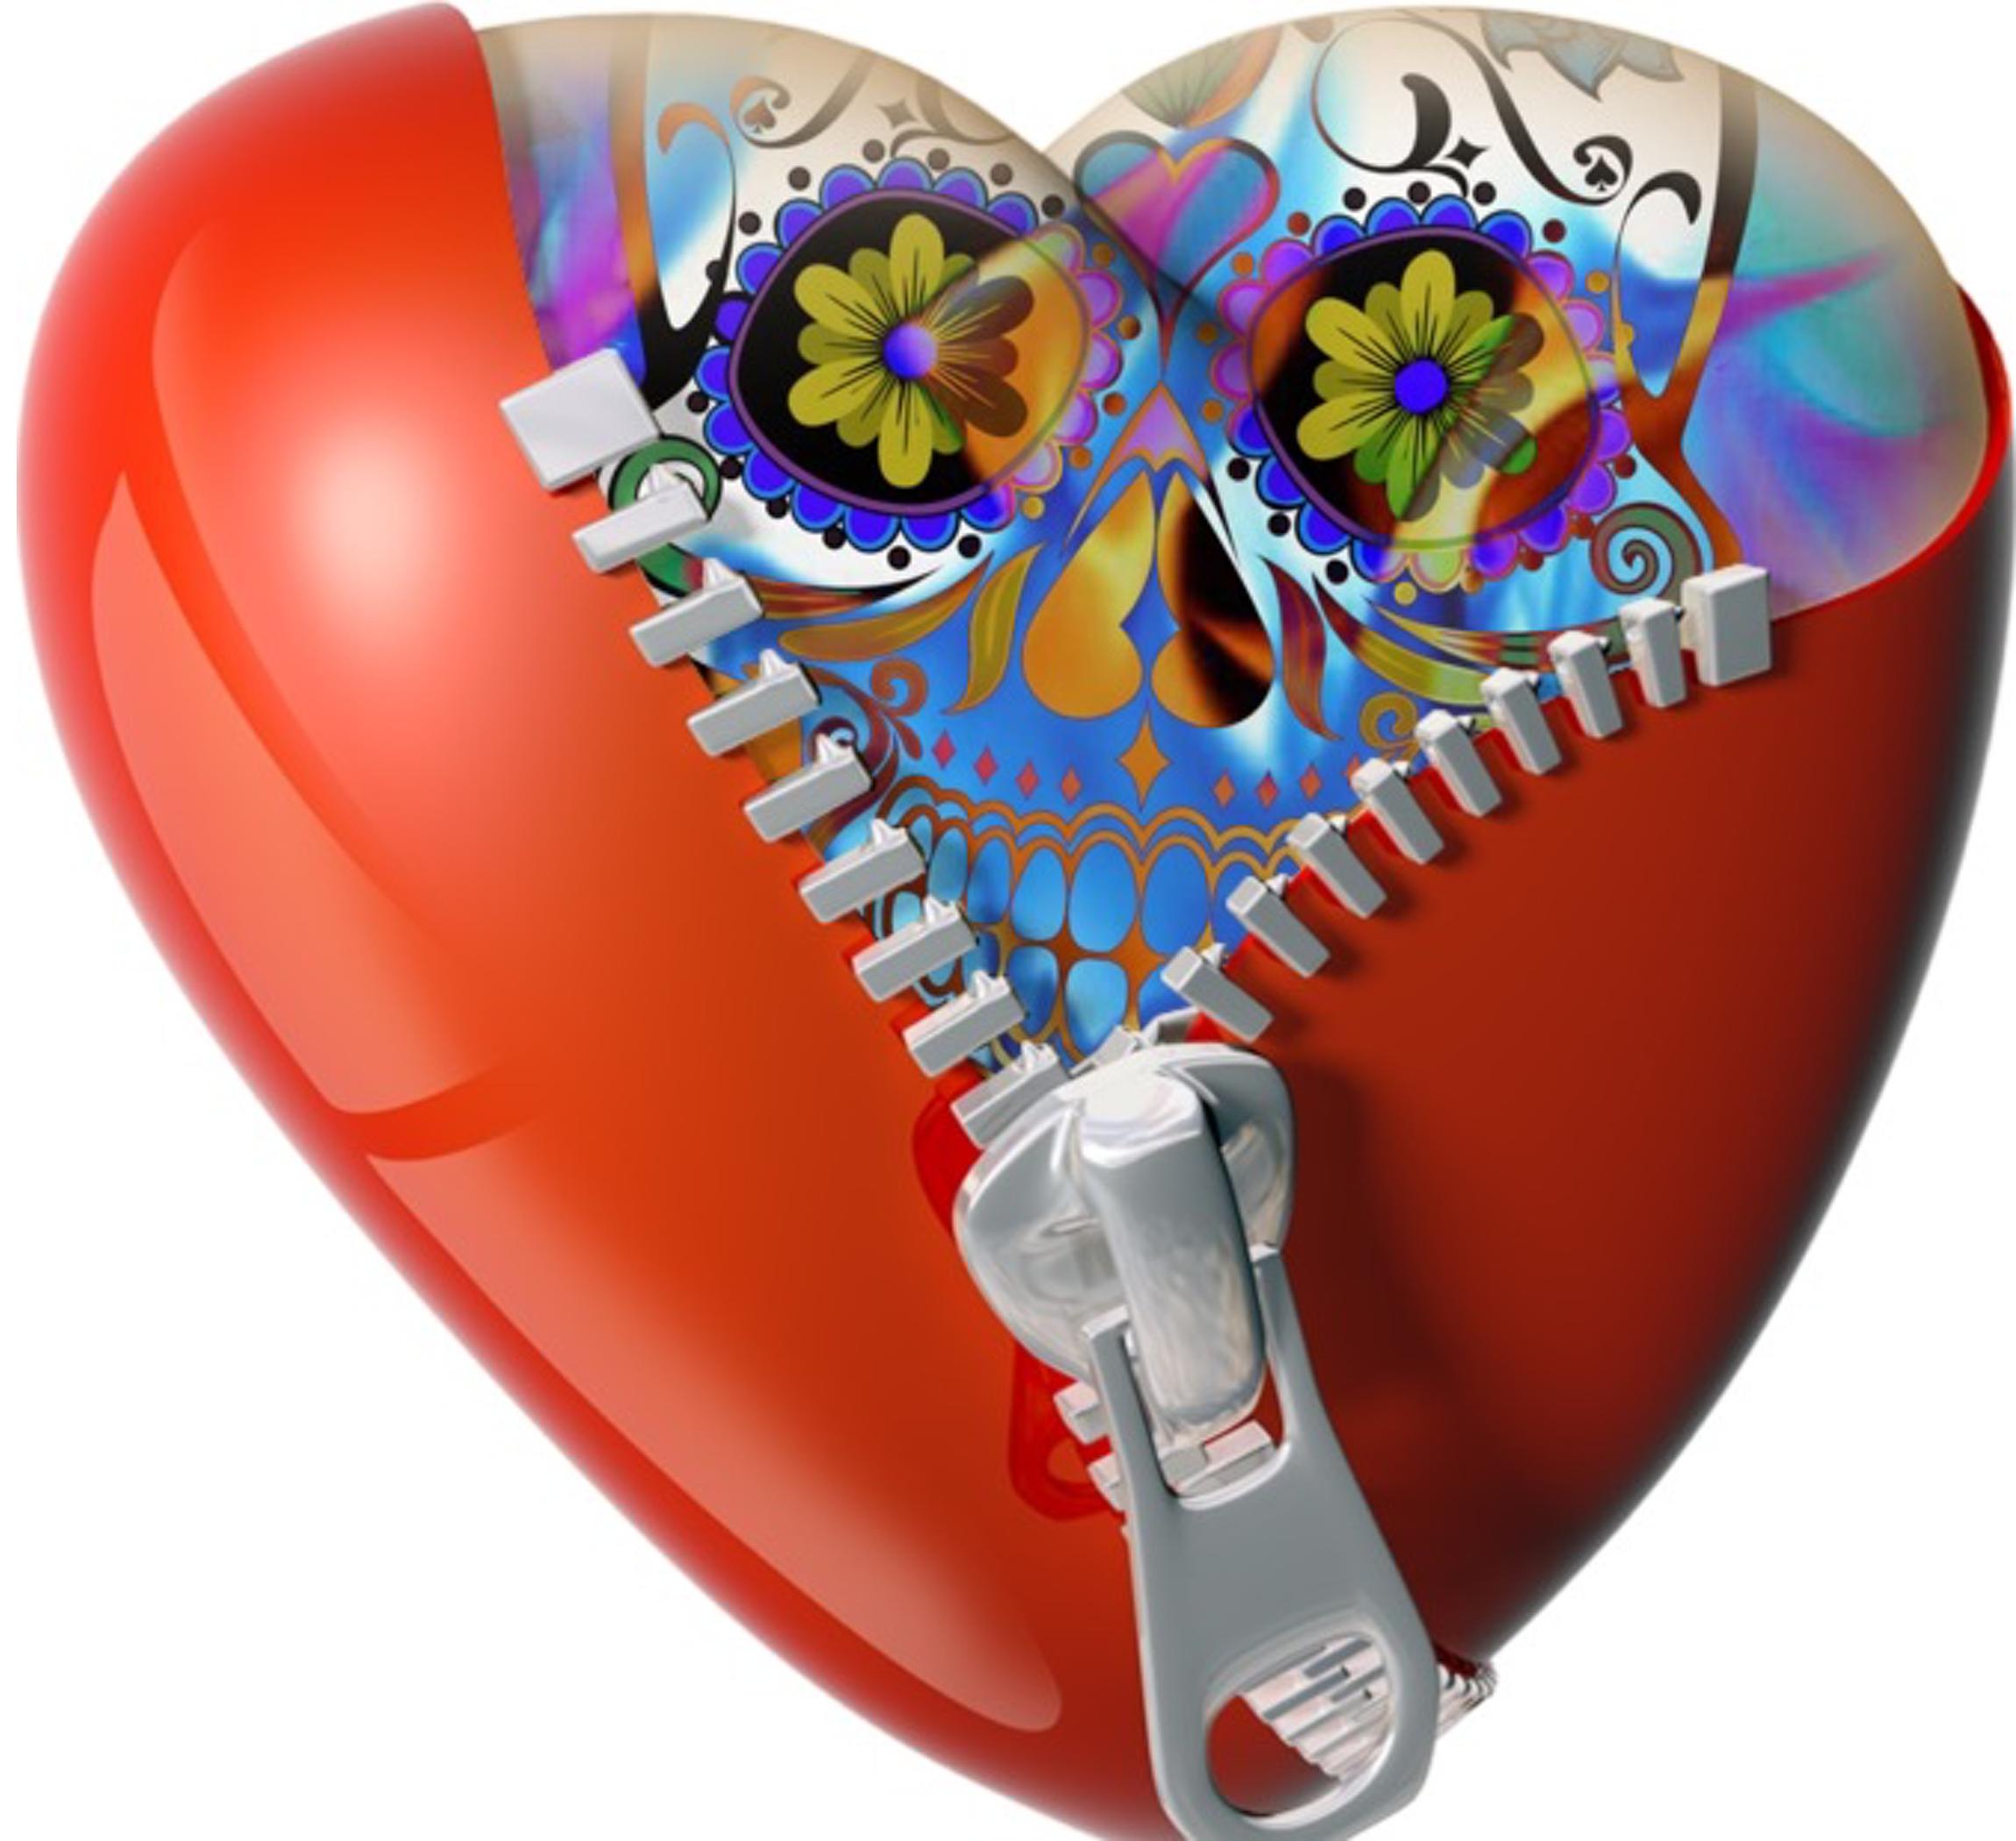 If I Unlock My Heart...